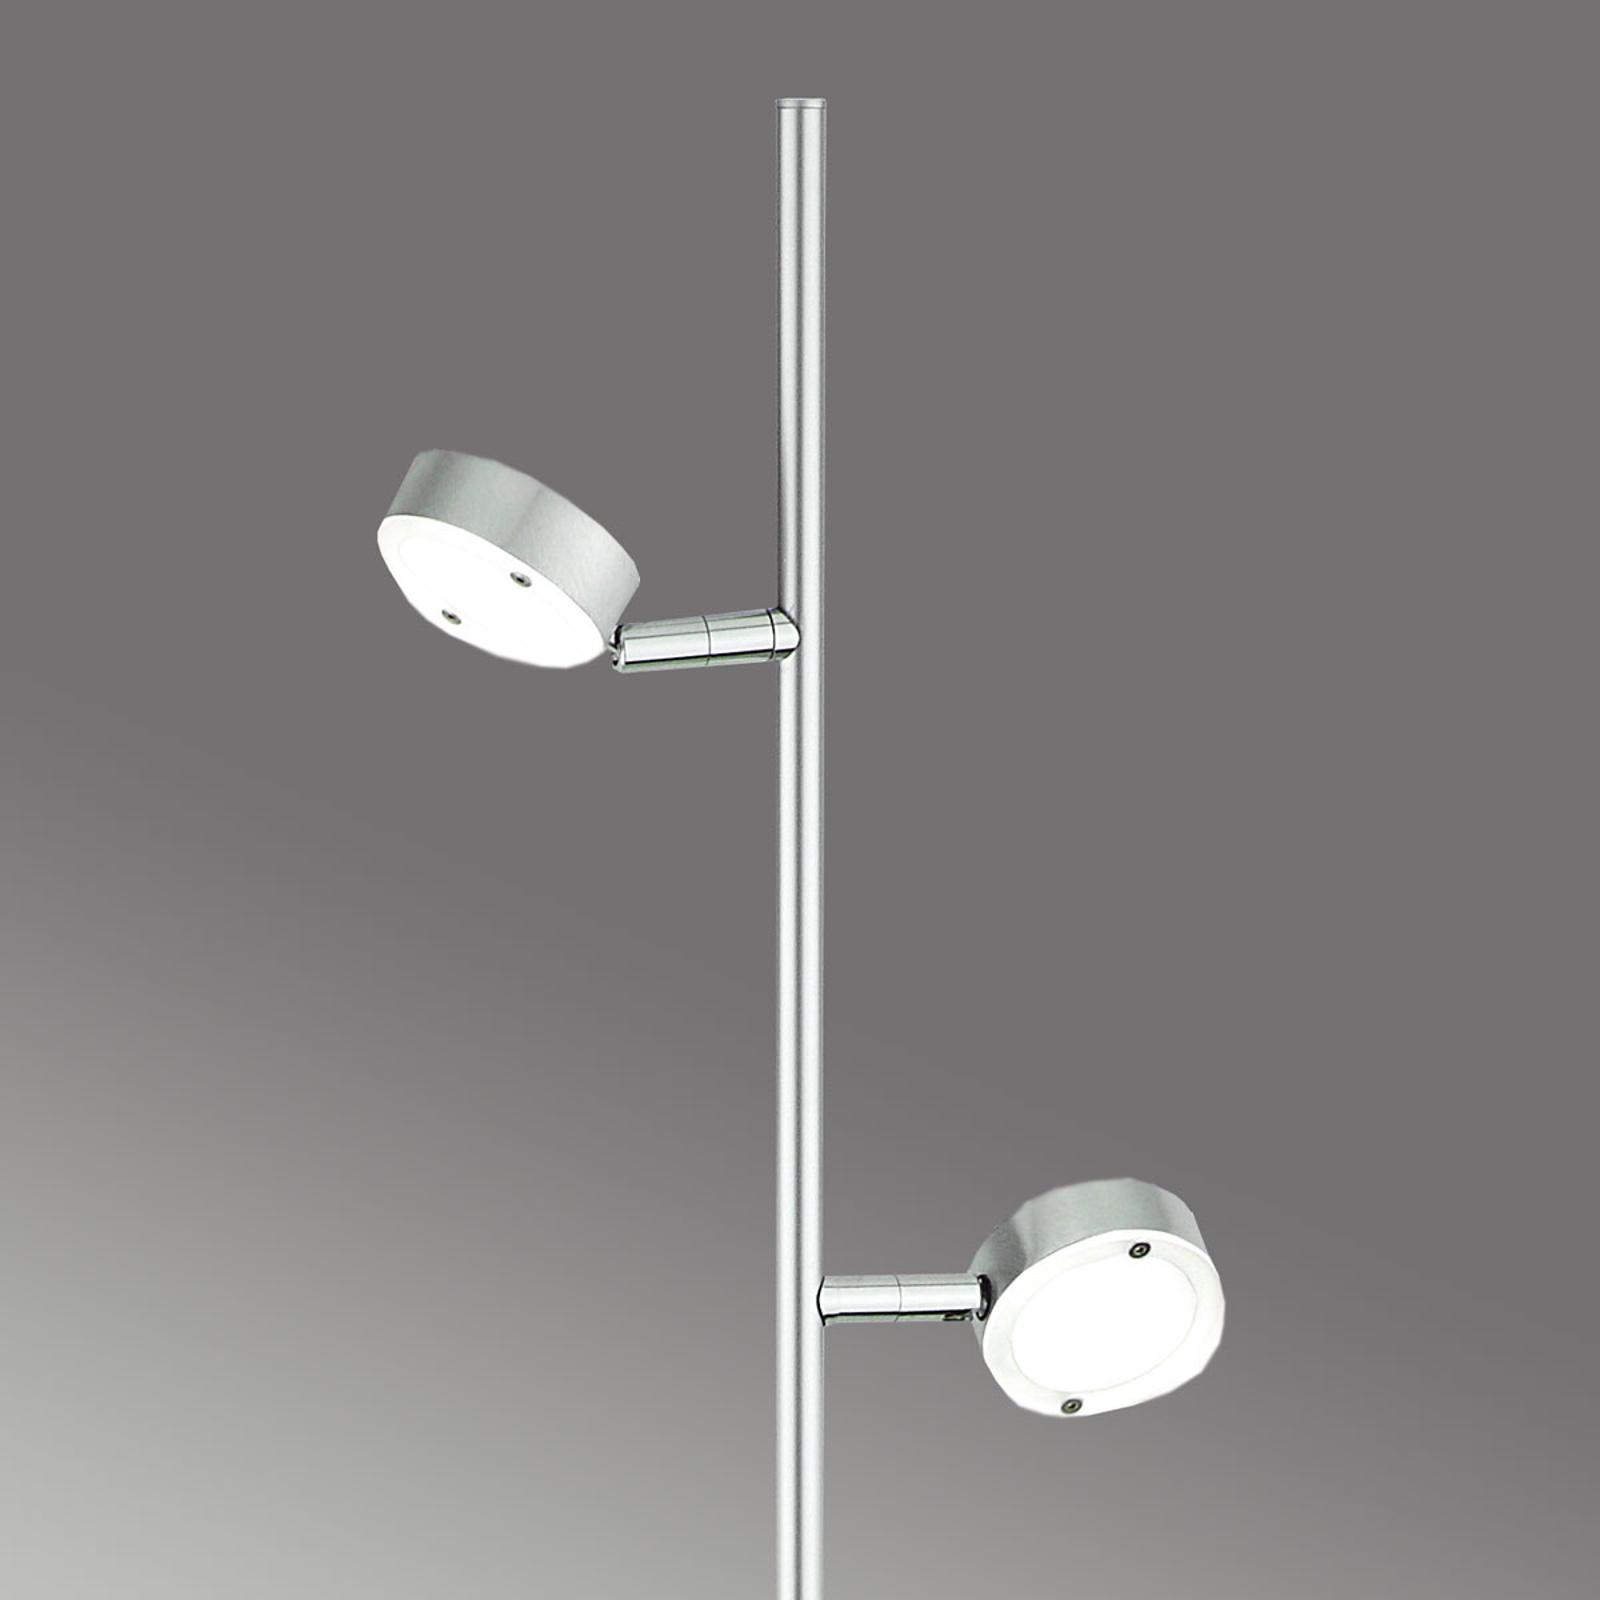 Minimalistisk SATURN LED-standerlampe, 2 lyskilder